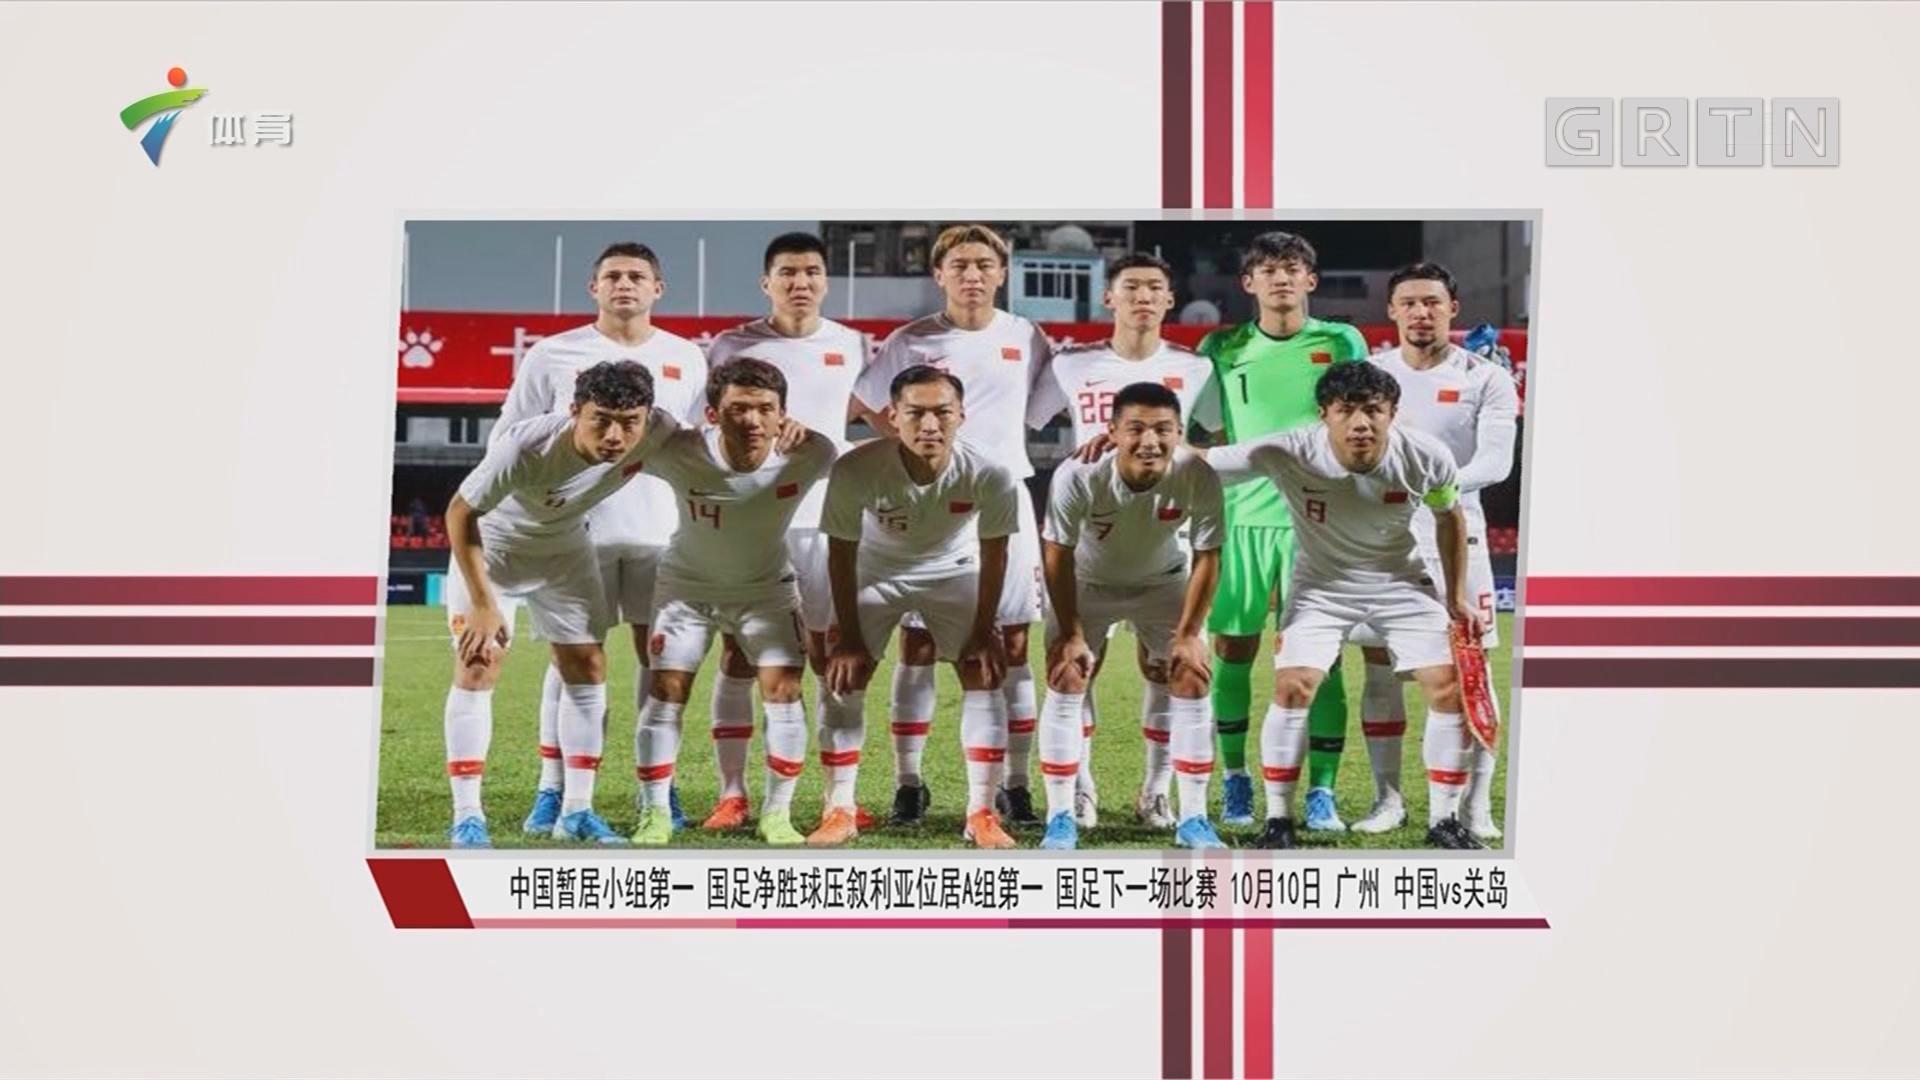 中国暂居小组第一 国足净胜球压叙利亚位居A组第一 国足下一场比赛 10月10日 广州 中国vs关岛